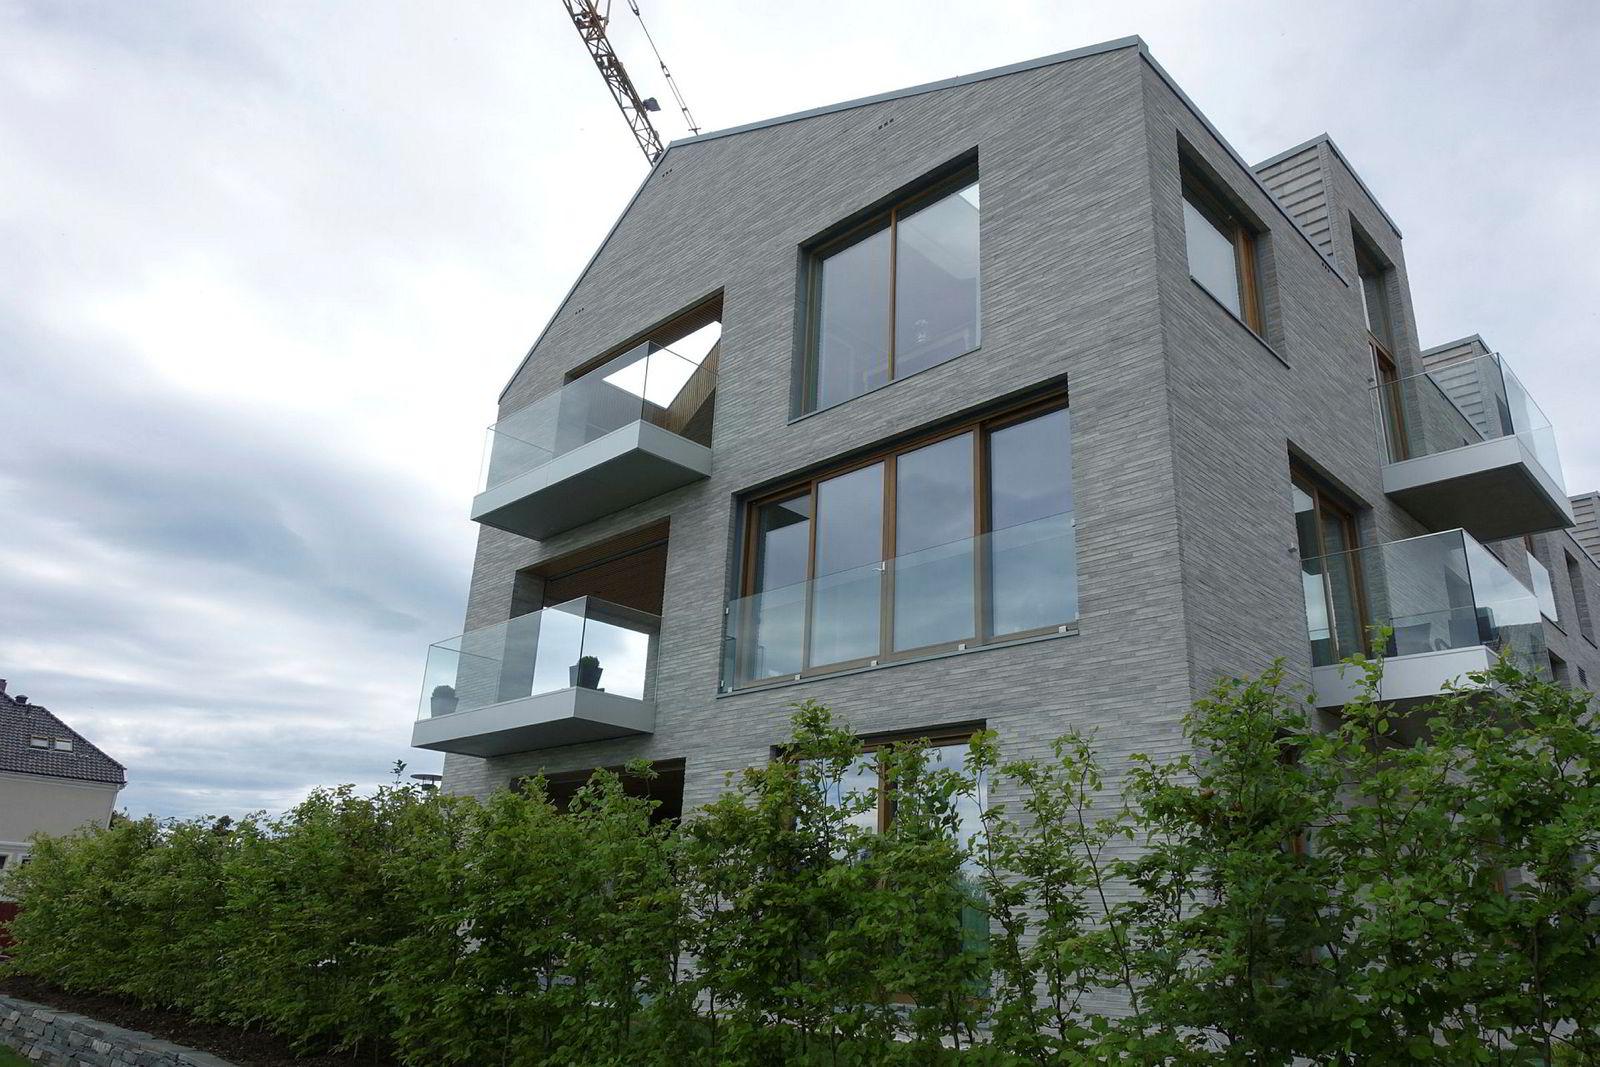 Bjarne Skeies leilighet ved Holbergs gate 2 fra siden.